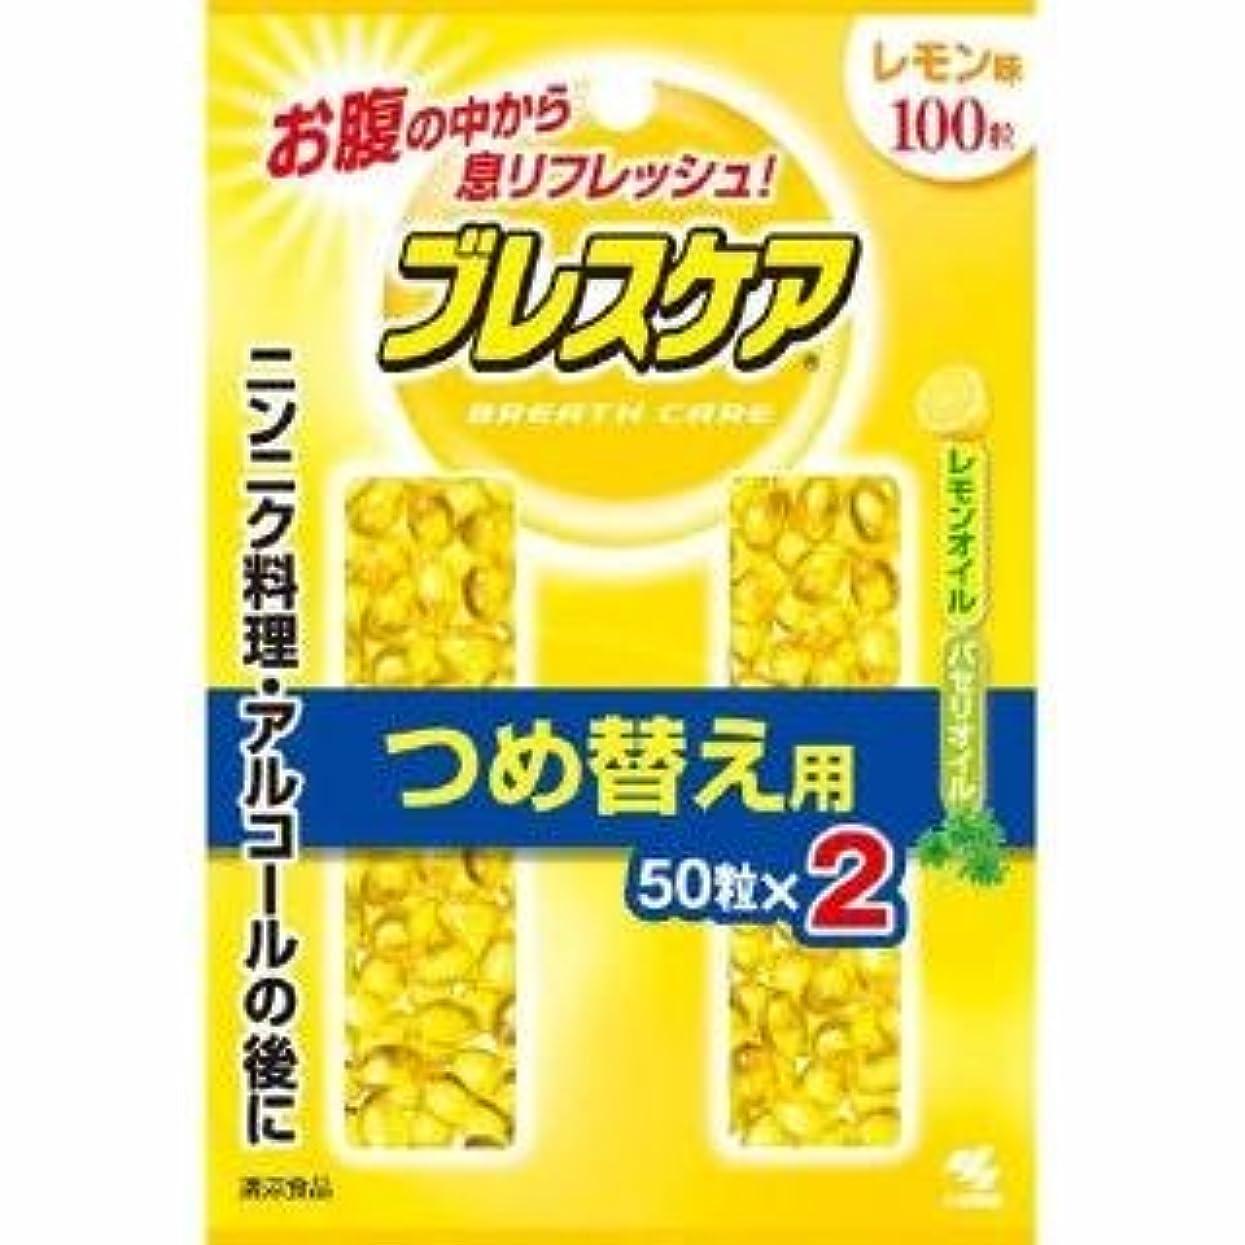 のぞき見薬理学クラッチ小林製薬 ブレスケア レモン つめ替用 100粒 x  3個セット